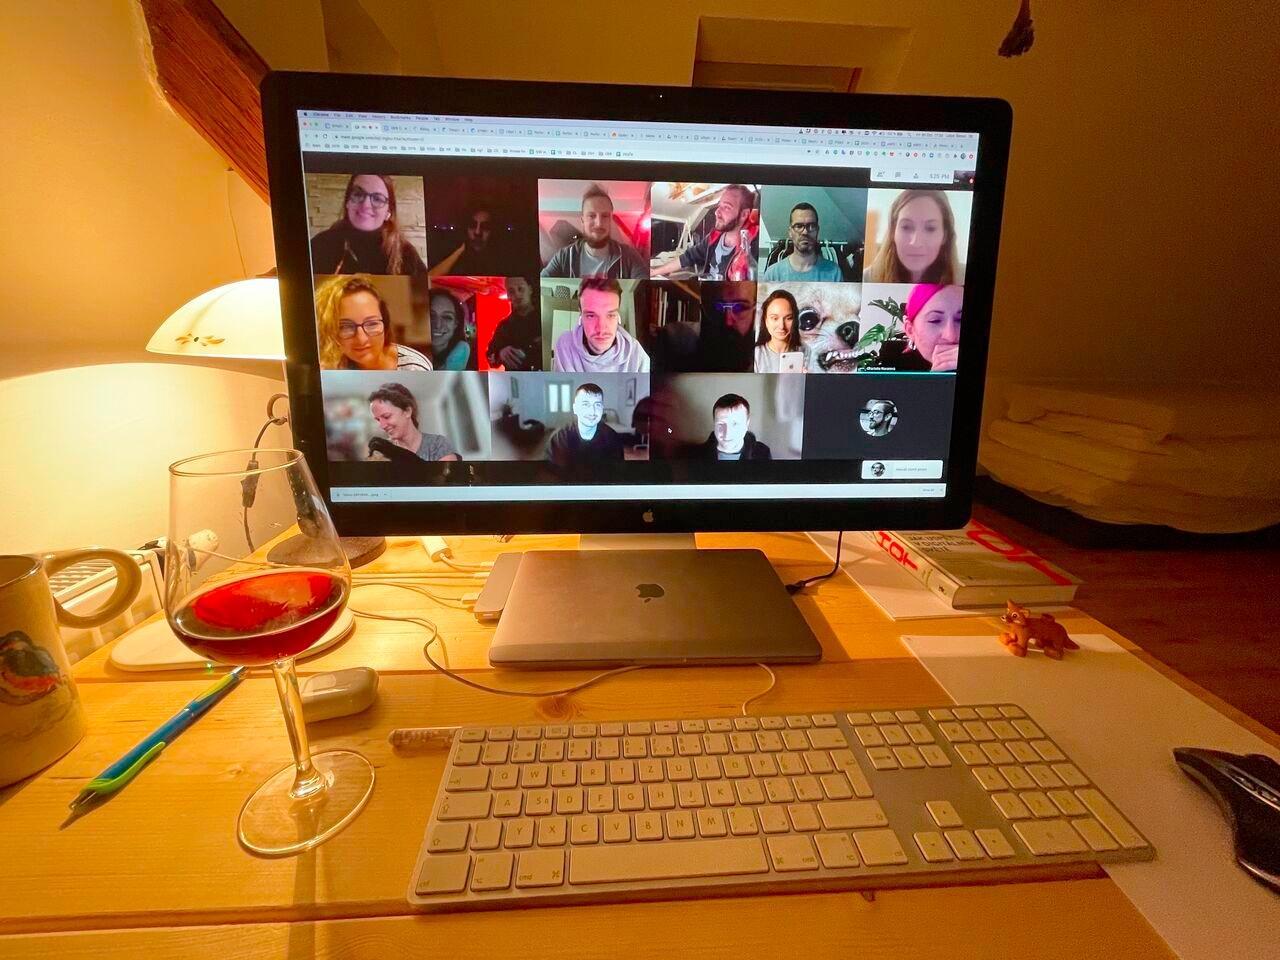 Obsah obrázku interiér, stůl, počítač, přenosný počítač  Popis byl vytvořen automaticky